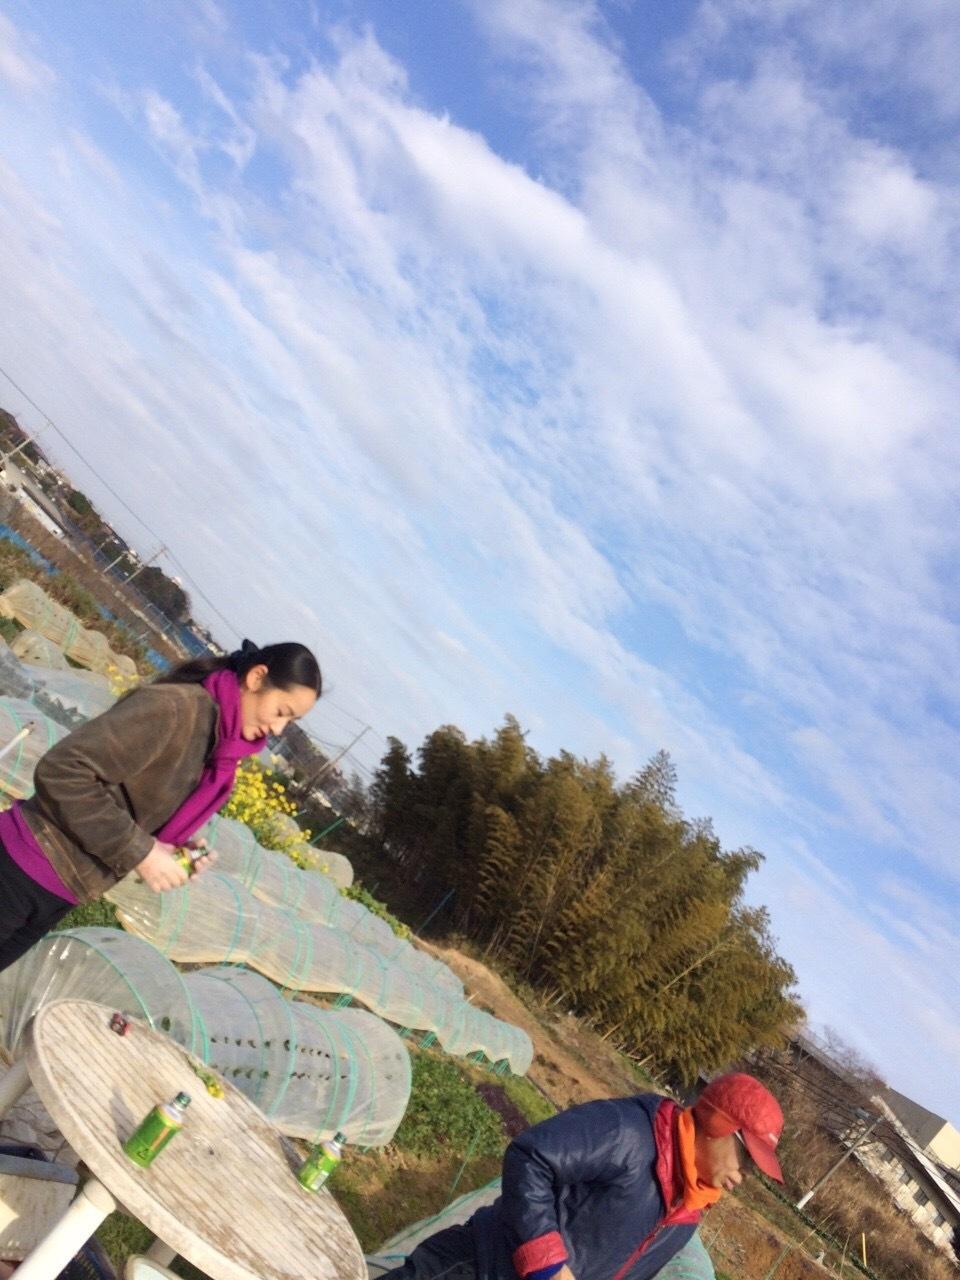 今日は雪対策 飯田 石川さん 吉田さんの3名_c0222448_15532994.jpg